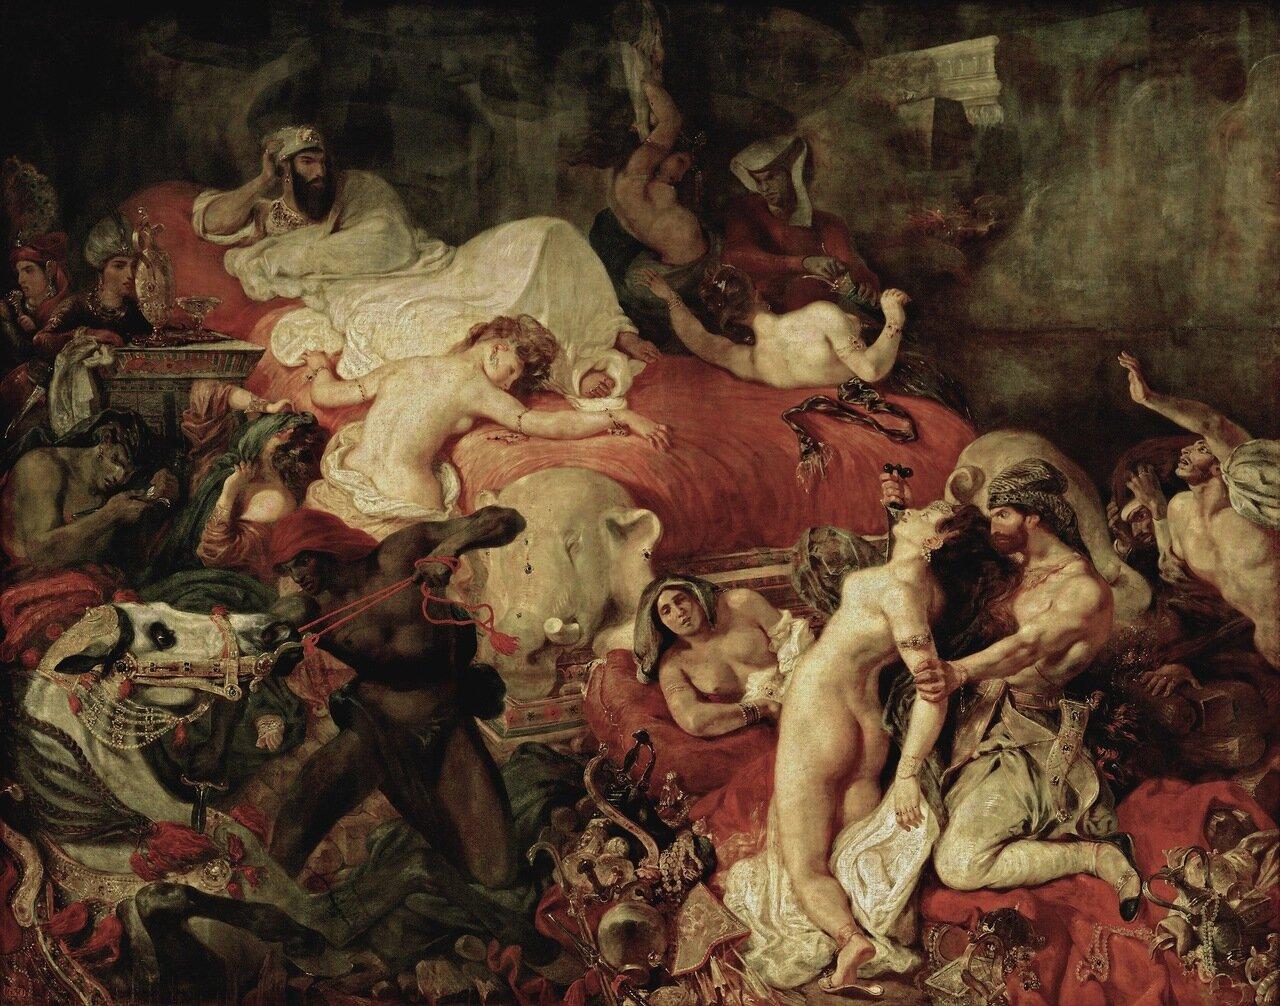 Секс в картинах средневековья 19 фотография